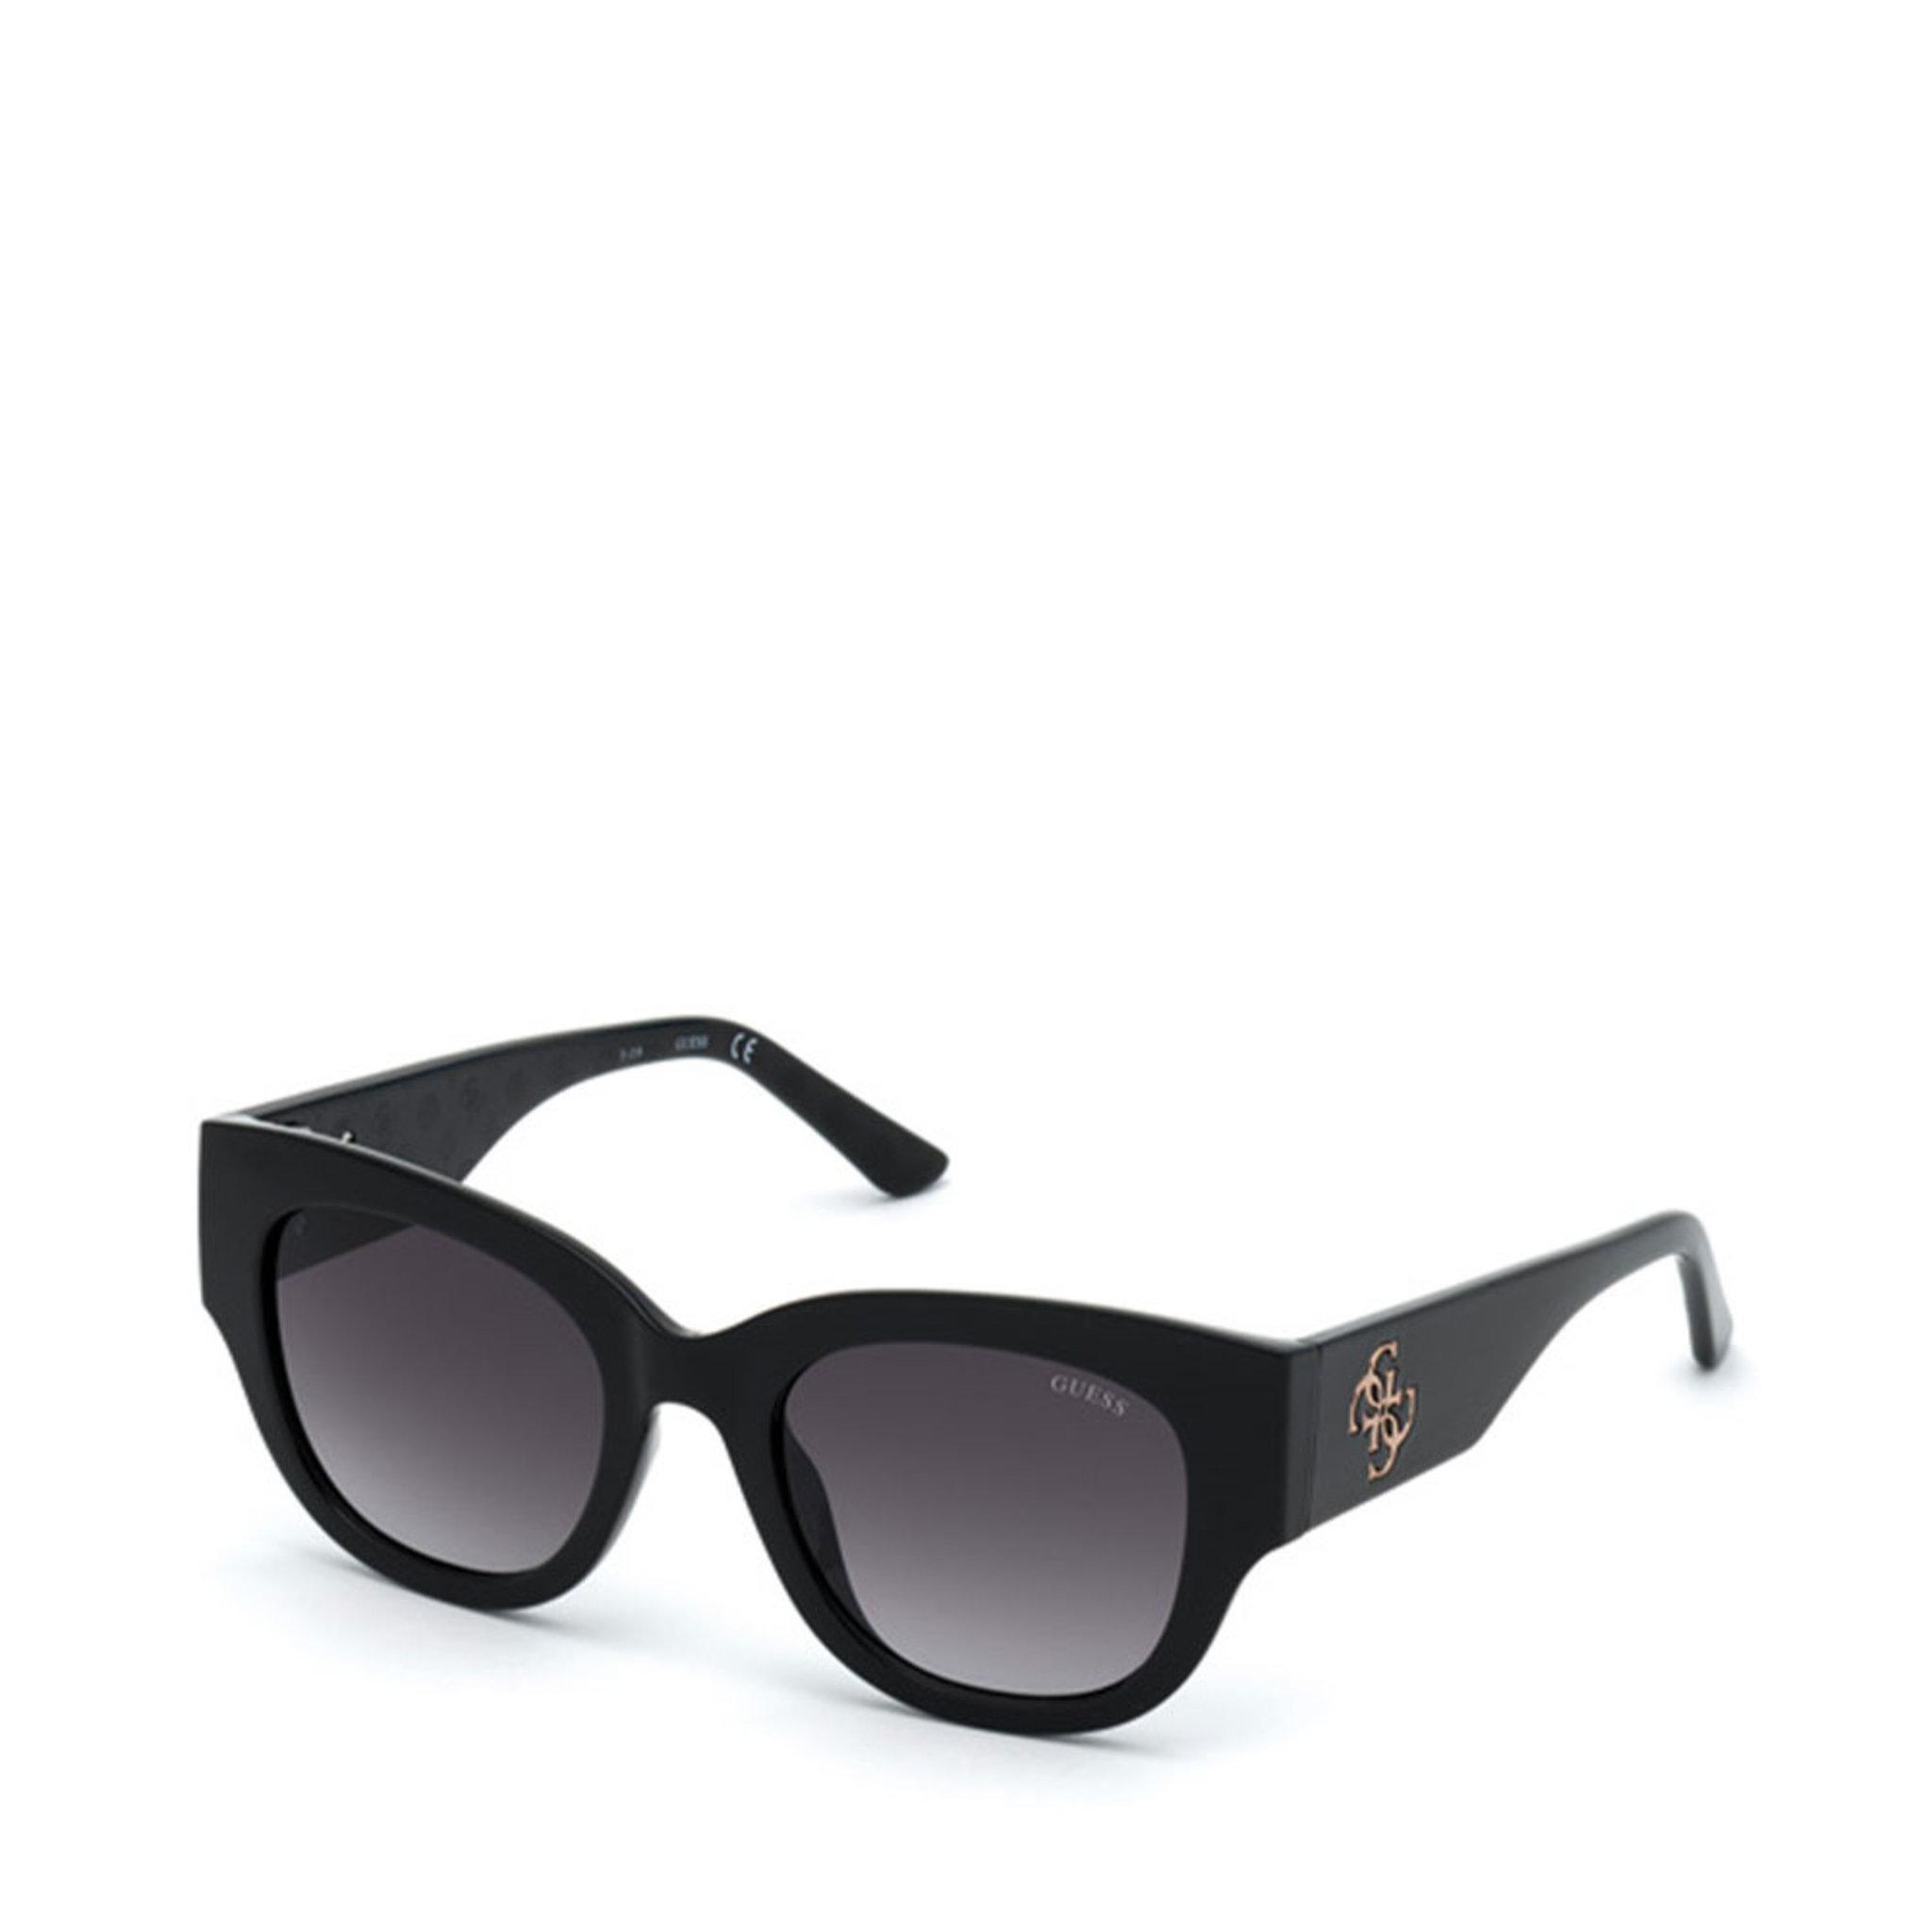 Sunglasses GU7680